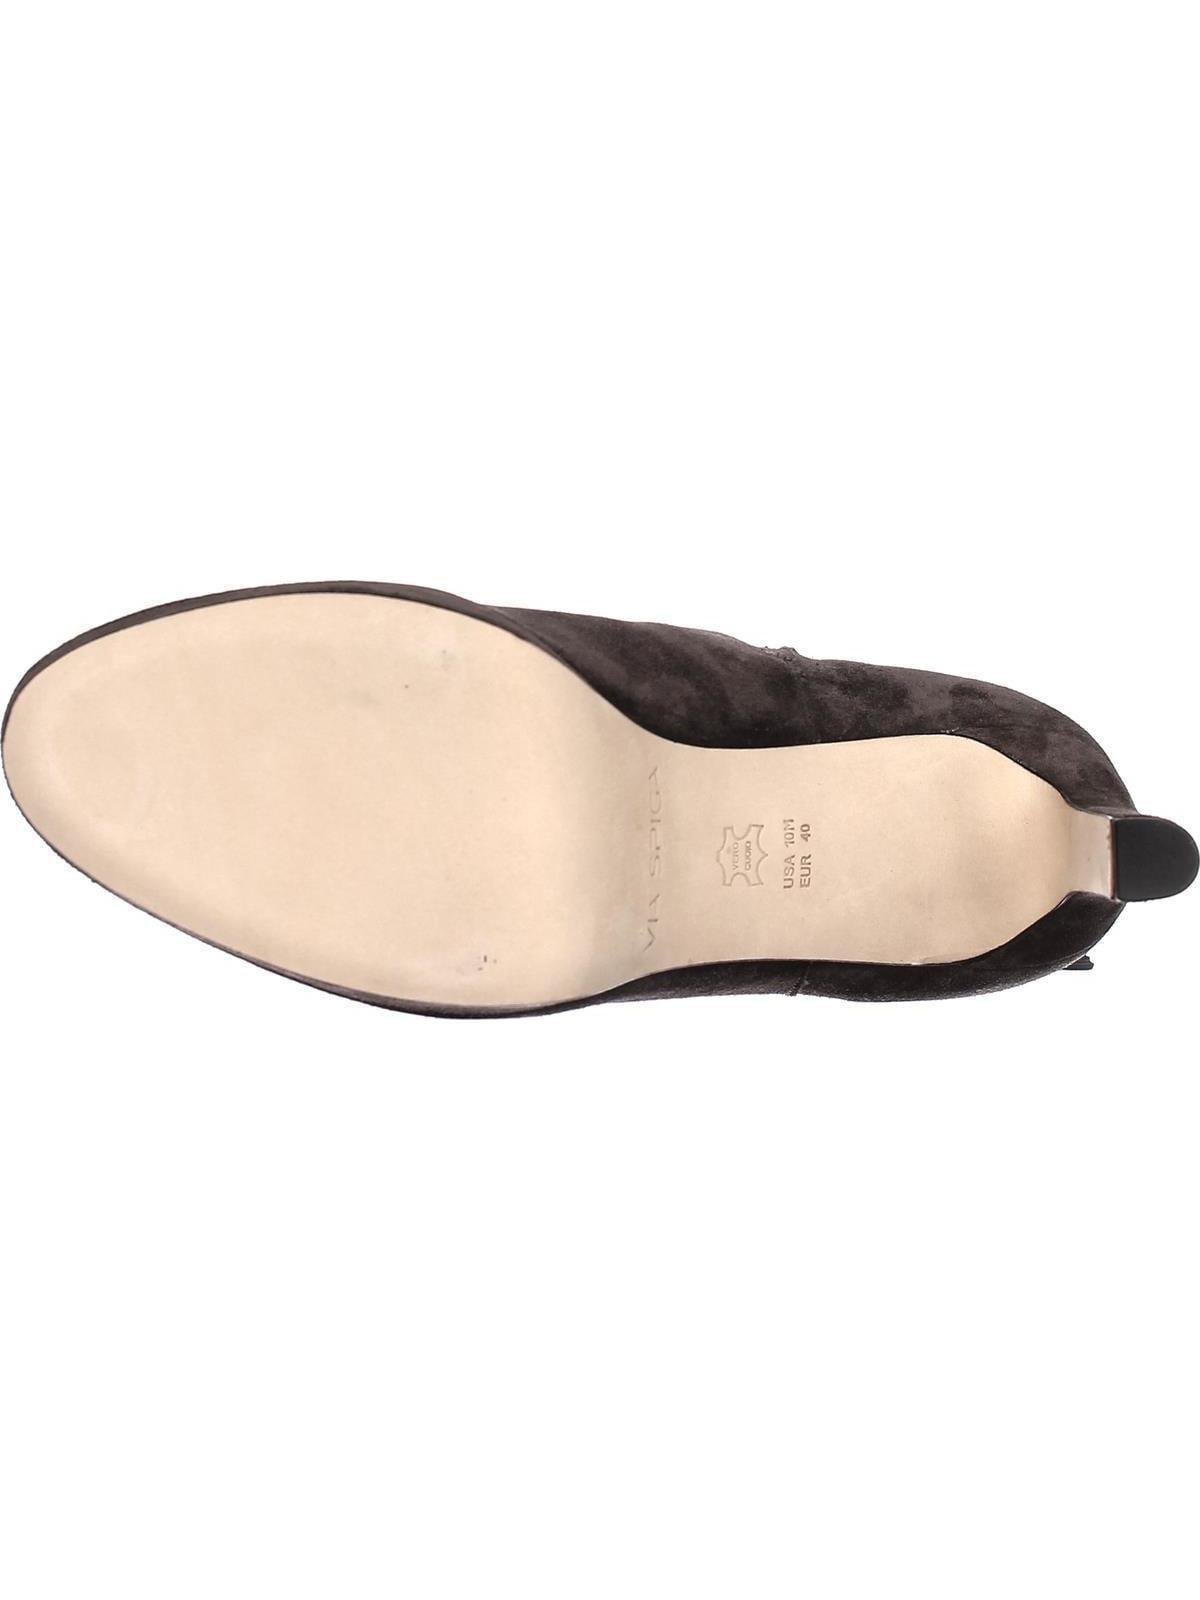 Womens On Via Spiga Bristol Pull On Womens Tassel Ankle Boots, Steel, 11 US / 41 EU 5085be